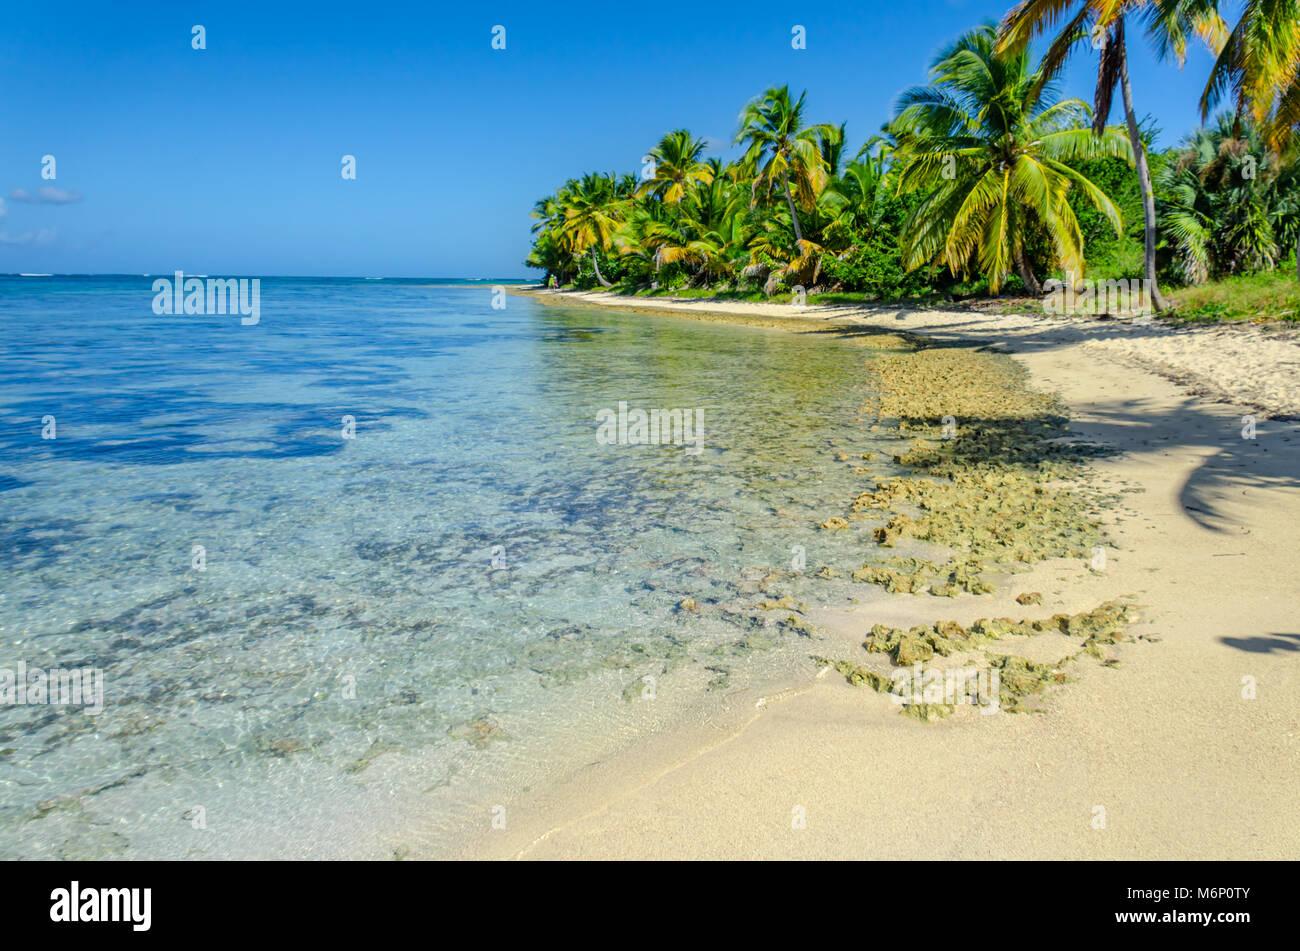 Playa Tropical con agua de mar transparente, palmeras, piedras, gente caminando a lo largo de la costa y un cielo Imagen De Stock